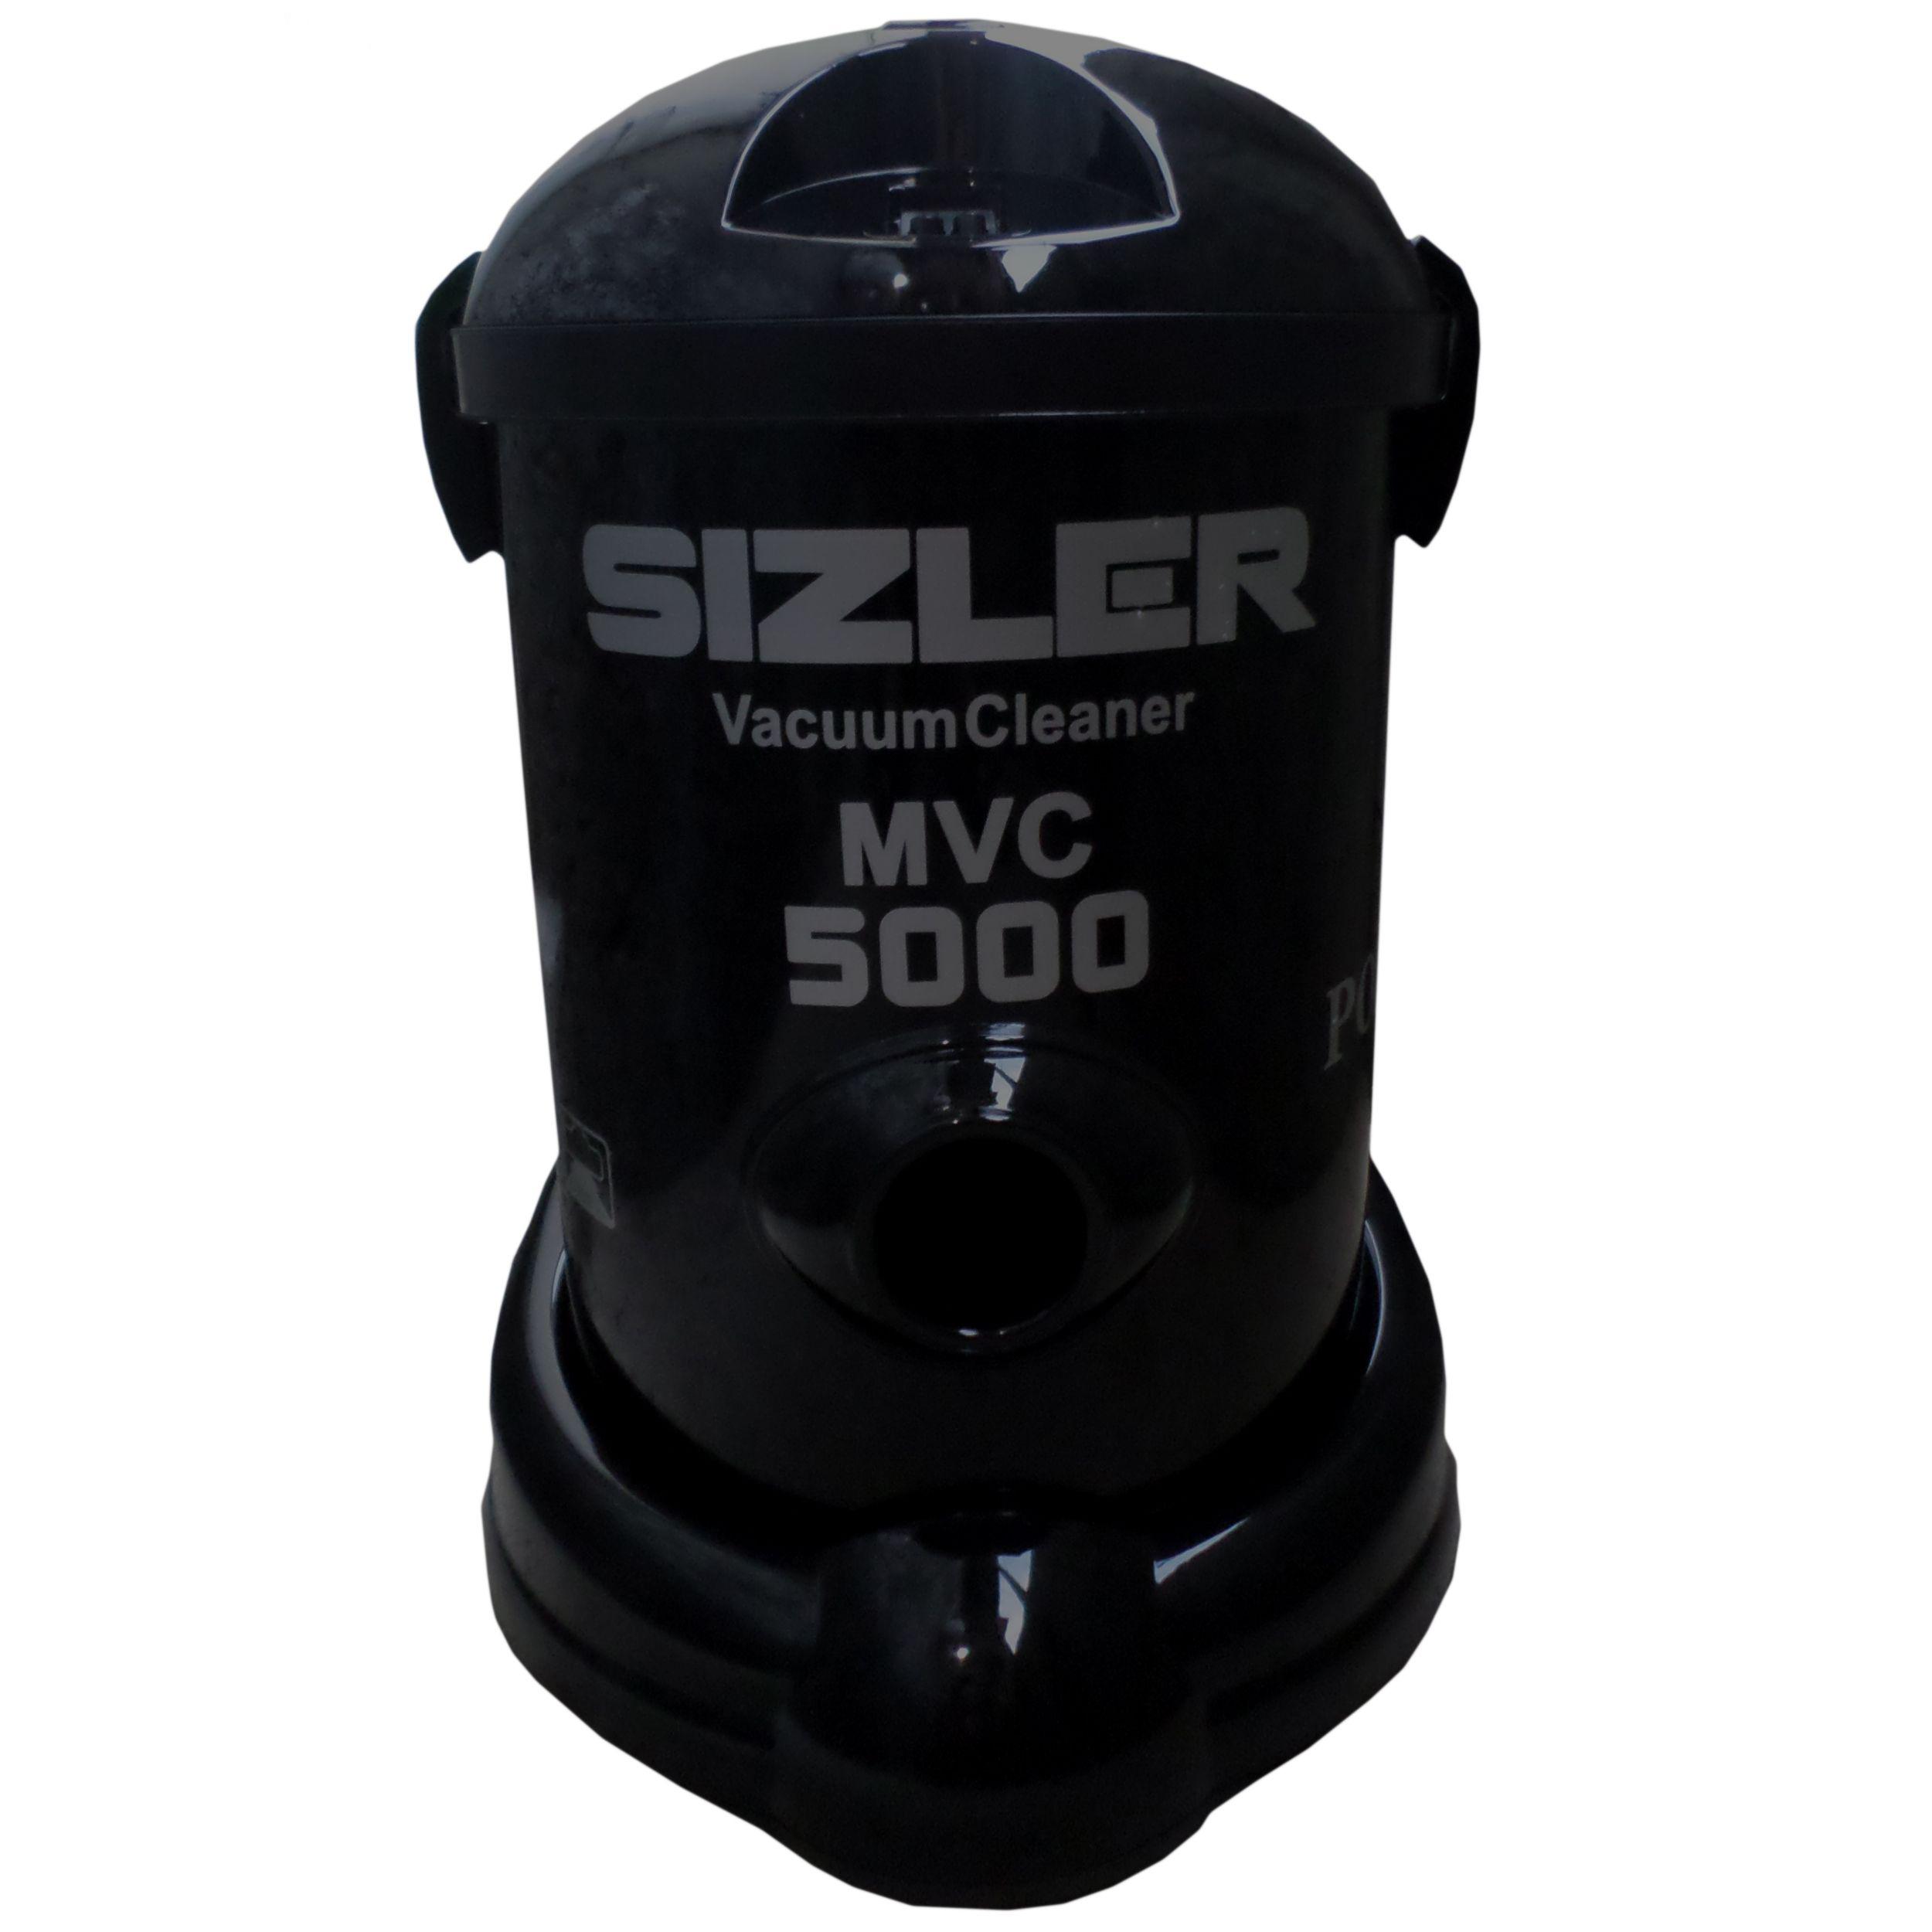 جاروبرقی سیزلر مدل MVC 5000